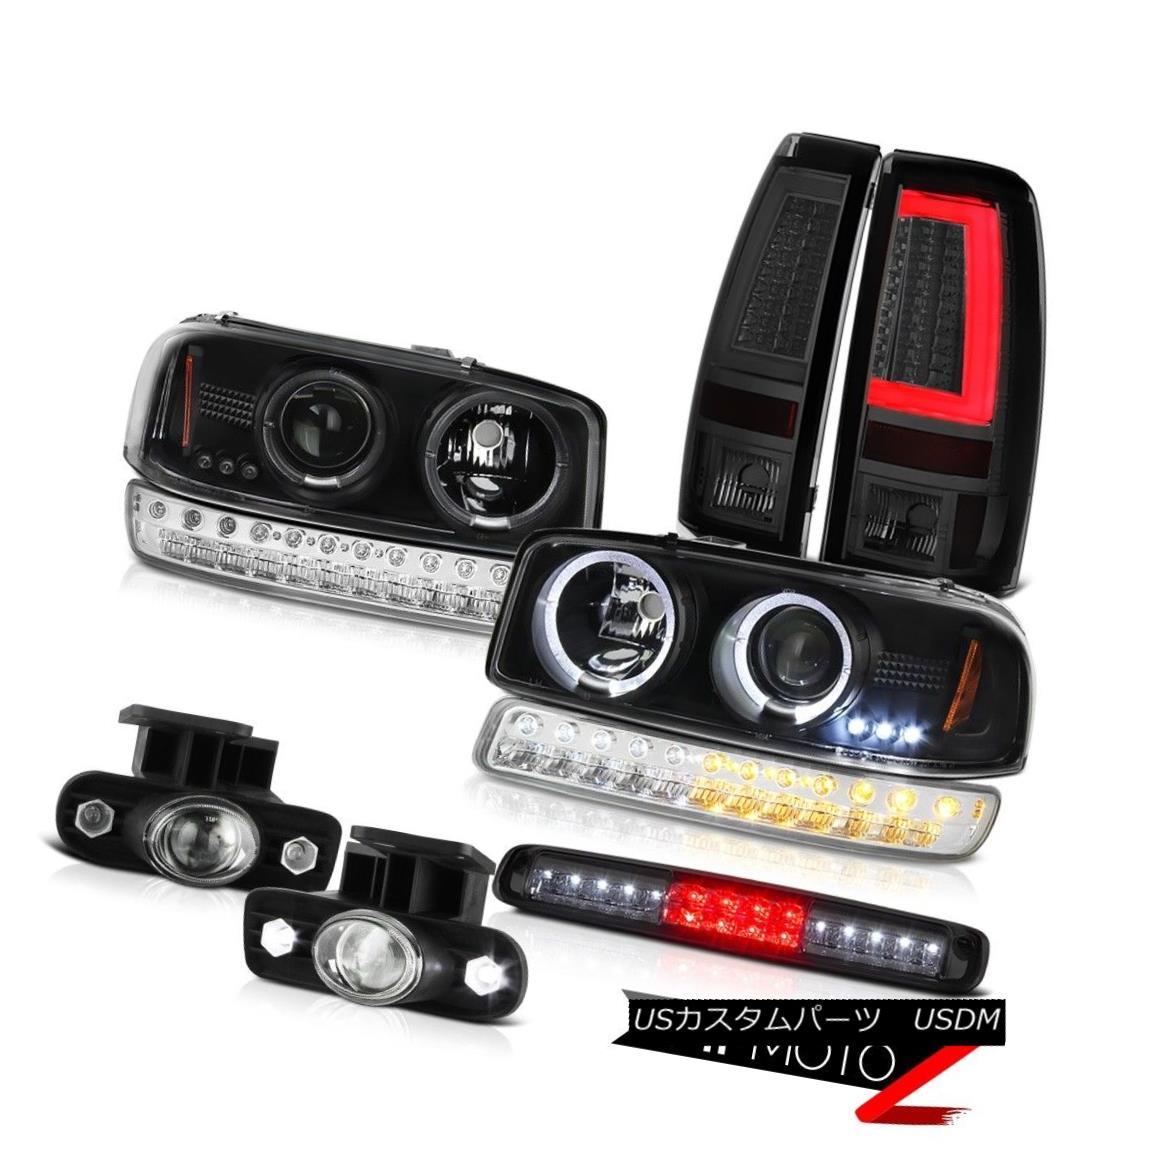 テールライト 99-02 Sierra SL Taillamps Roof Cab Lamp Foglights Signal Headlights Neon Tube 99-02 Sierra SL Taillampsルーフキャブ・ランプフォグライト・シグナル・ヘッドライトネオン・チューブ